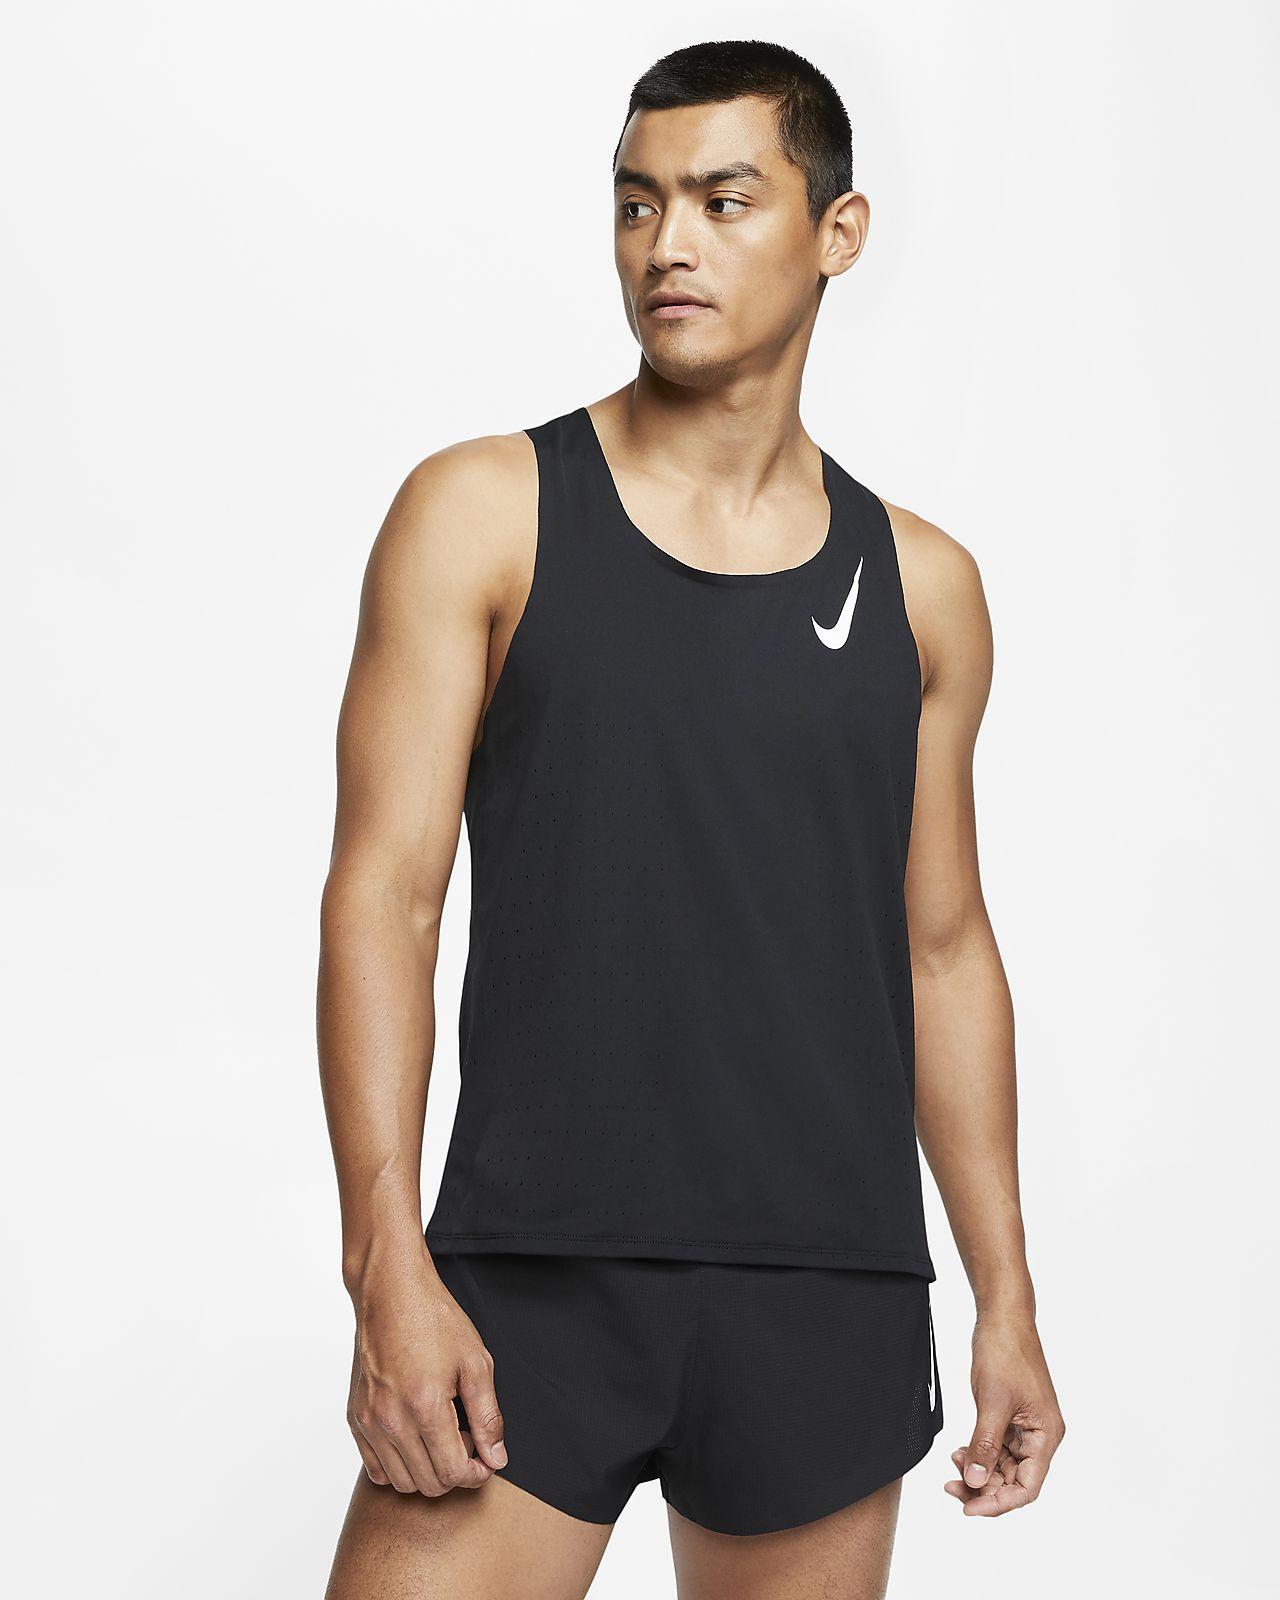 Мужская беговая майка Nike AeroSwift